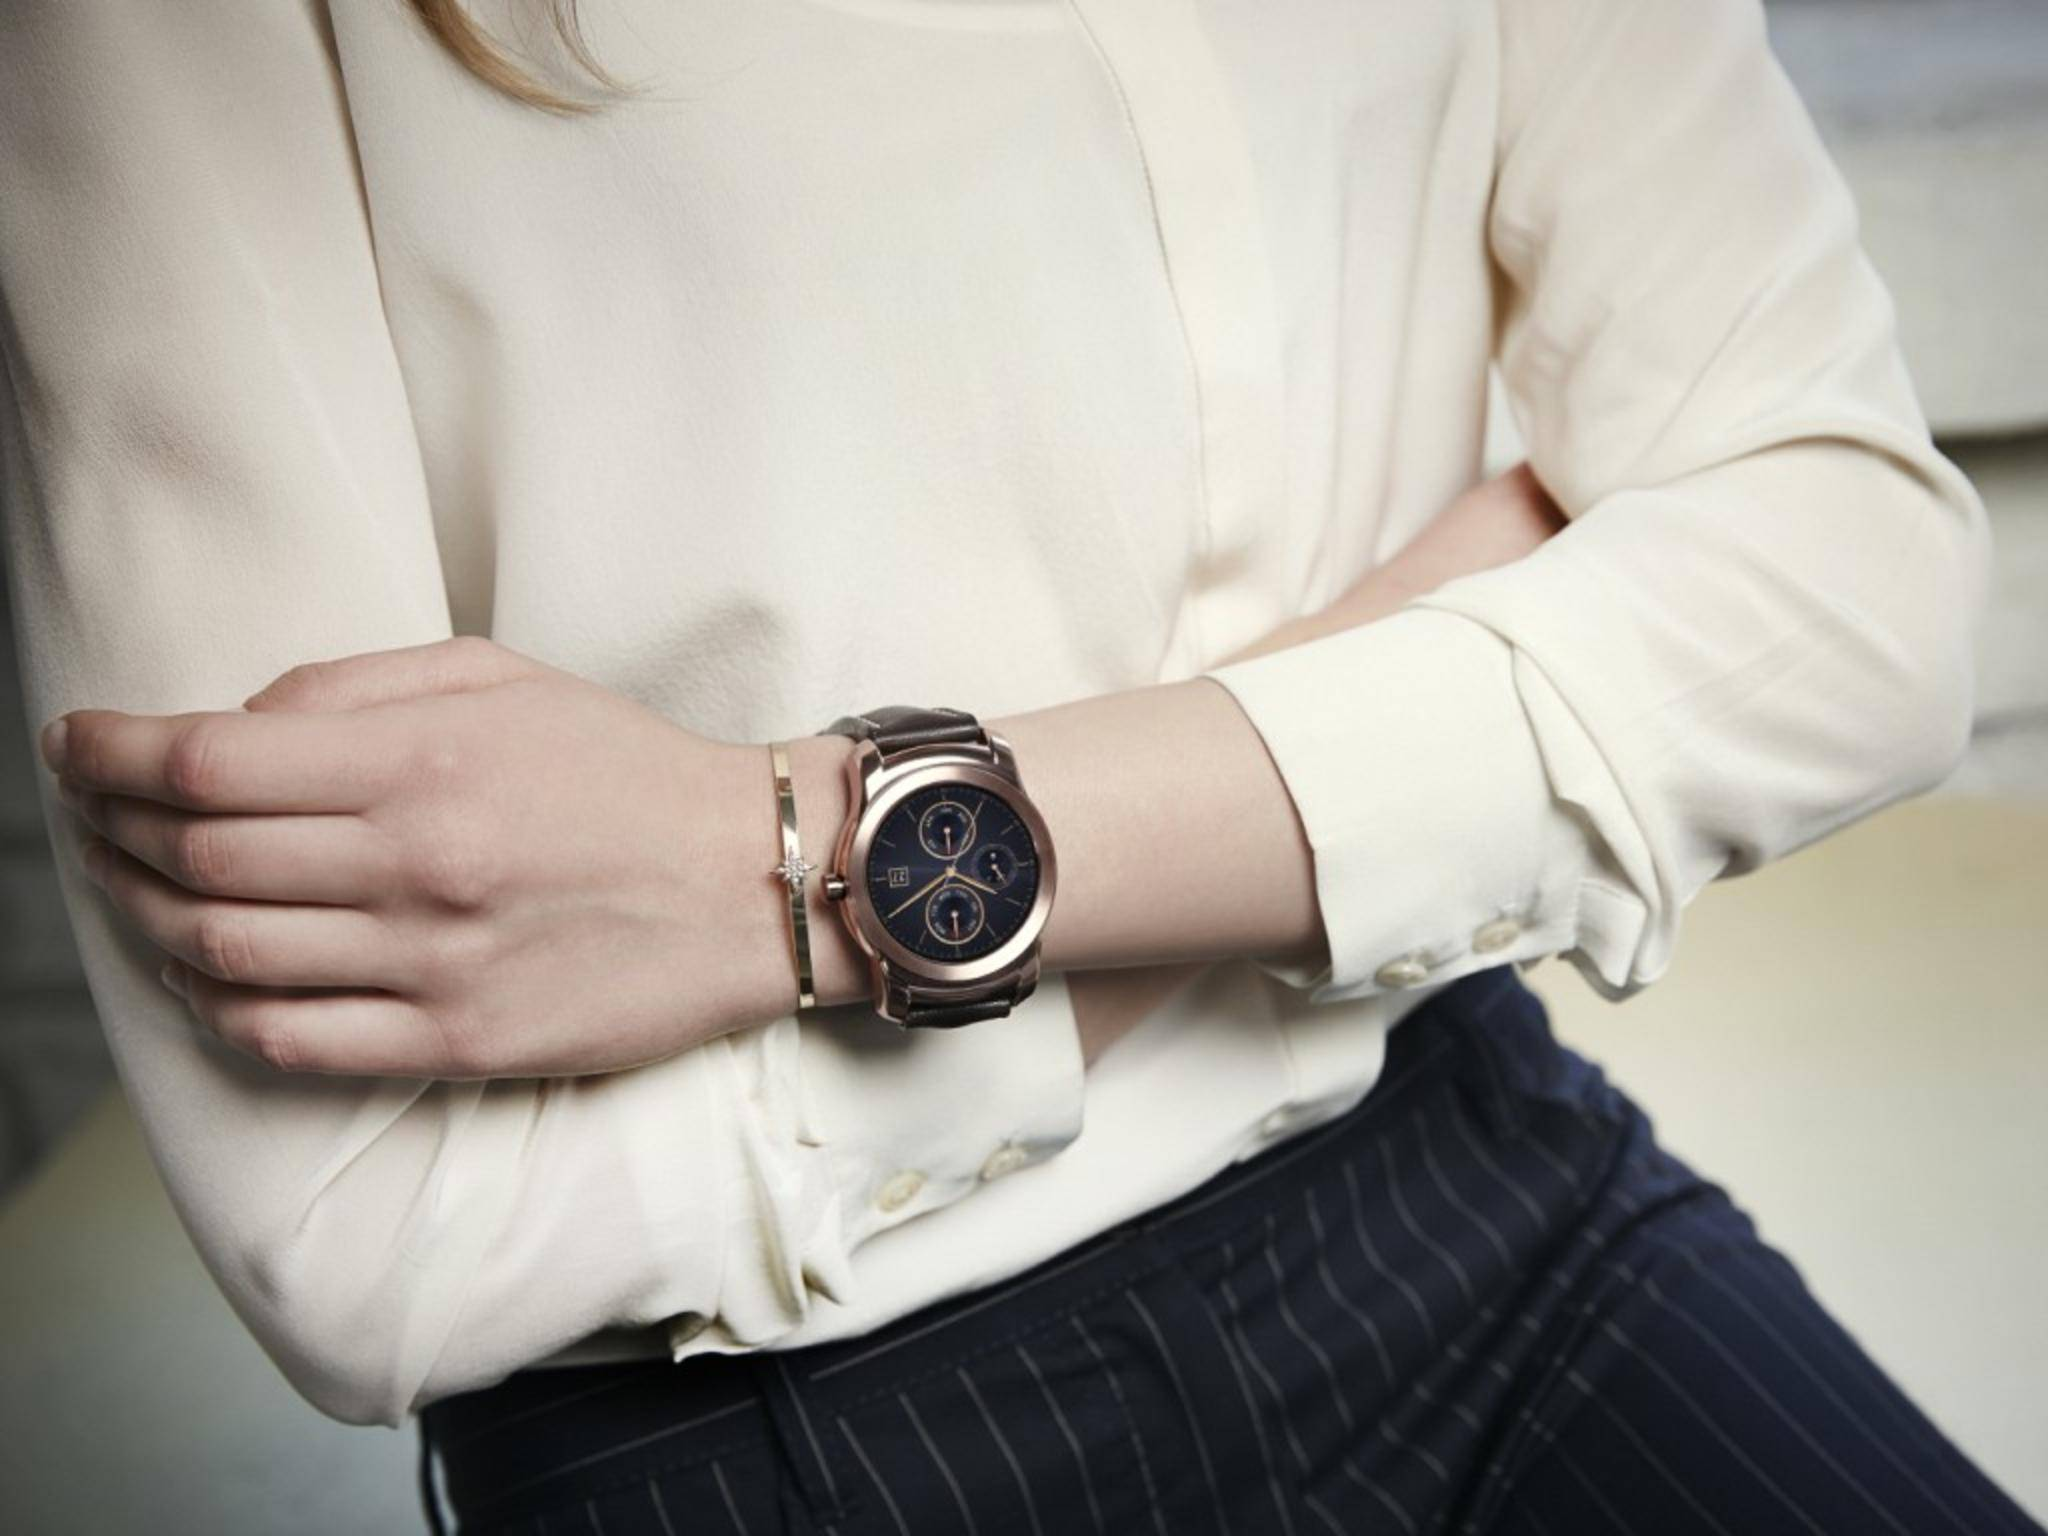 Die LG Watch Urbane ist mit der neuesten Android-Software ausgestattet.